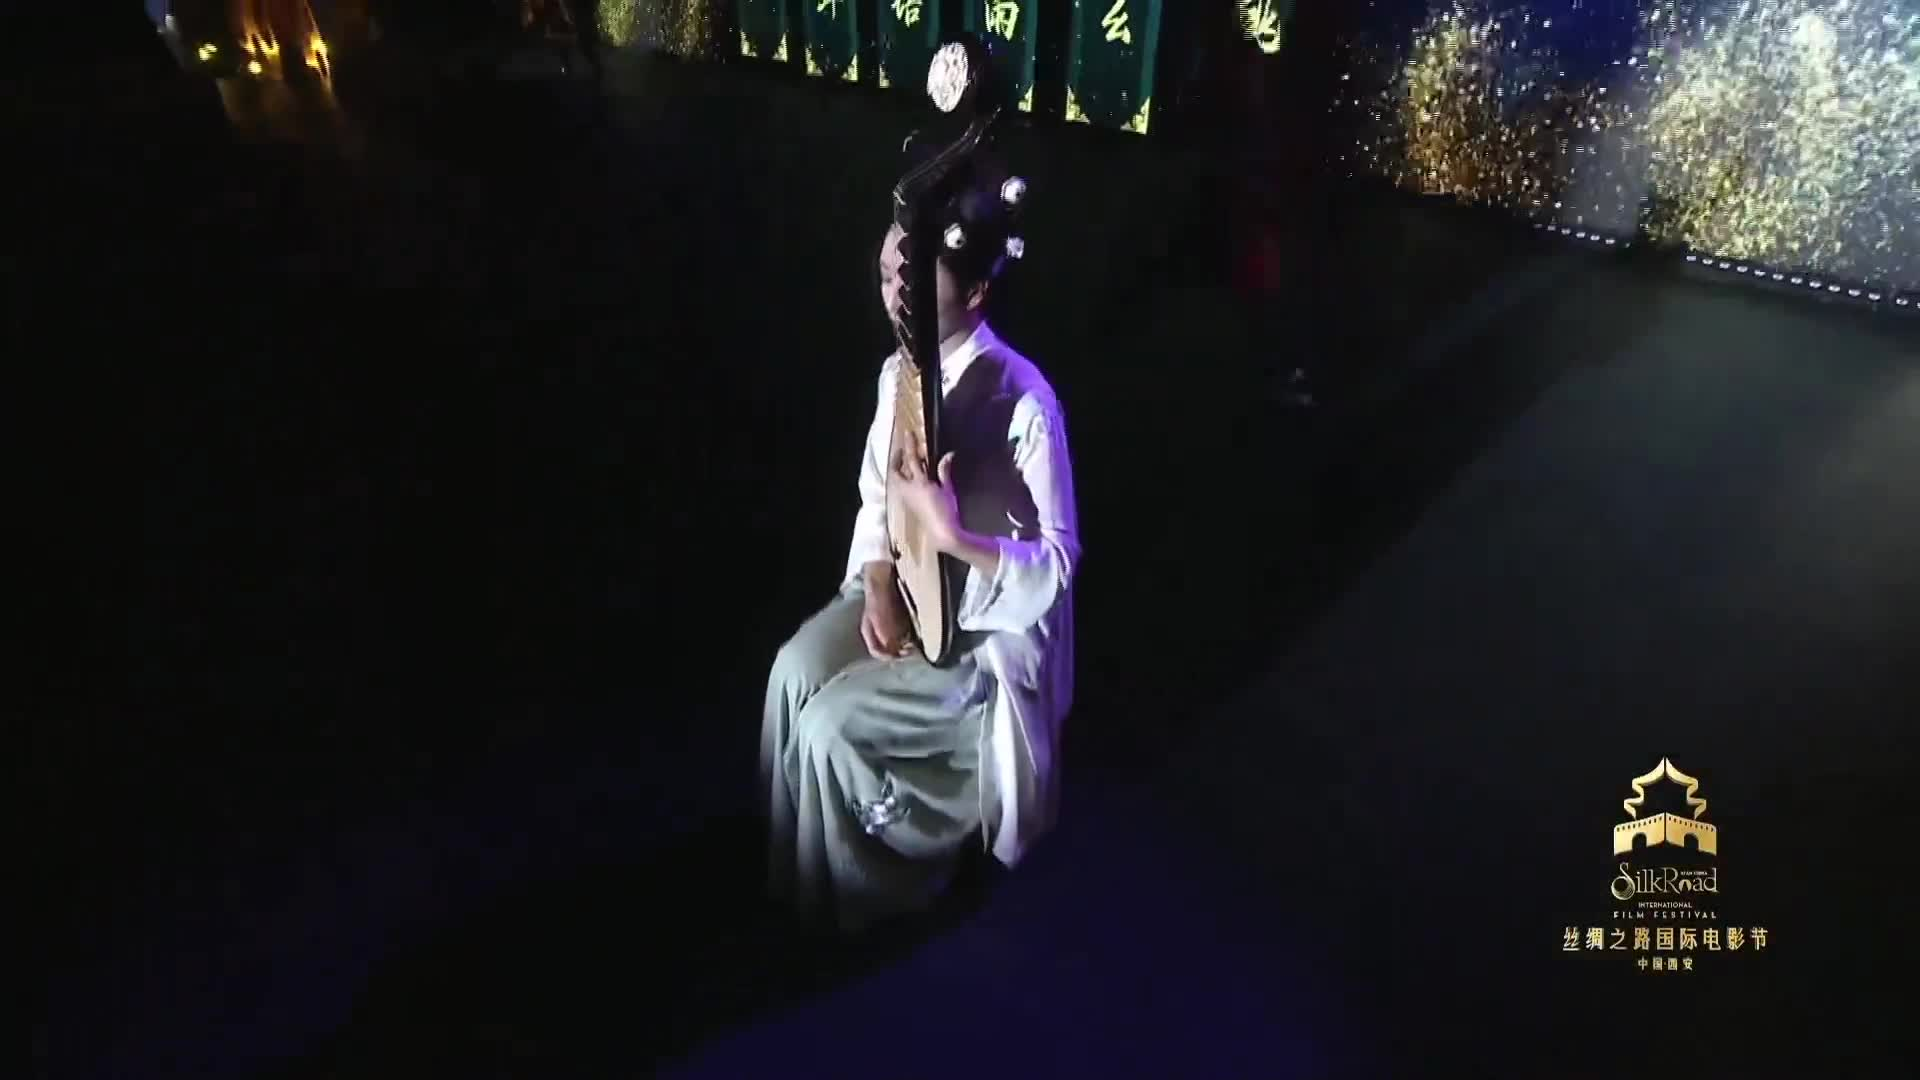 丝路国际电影节交接仪式:节目《诗韵长安》